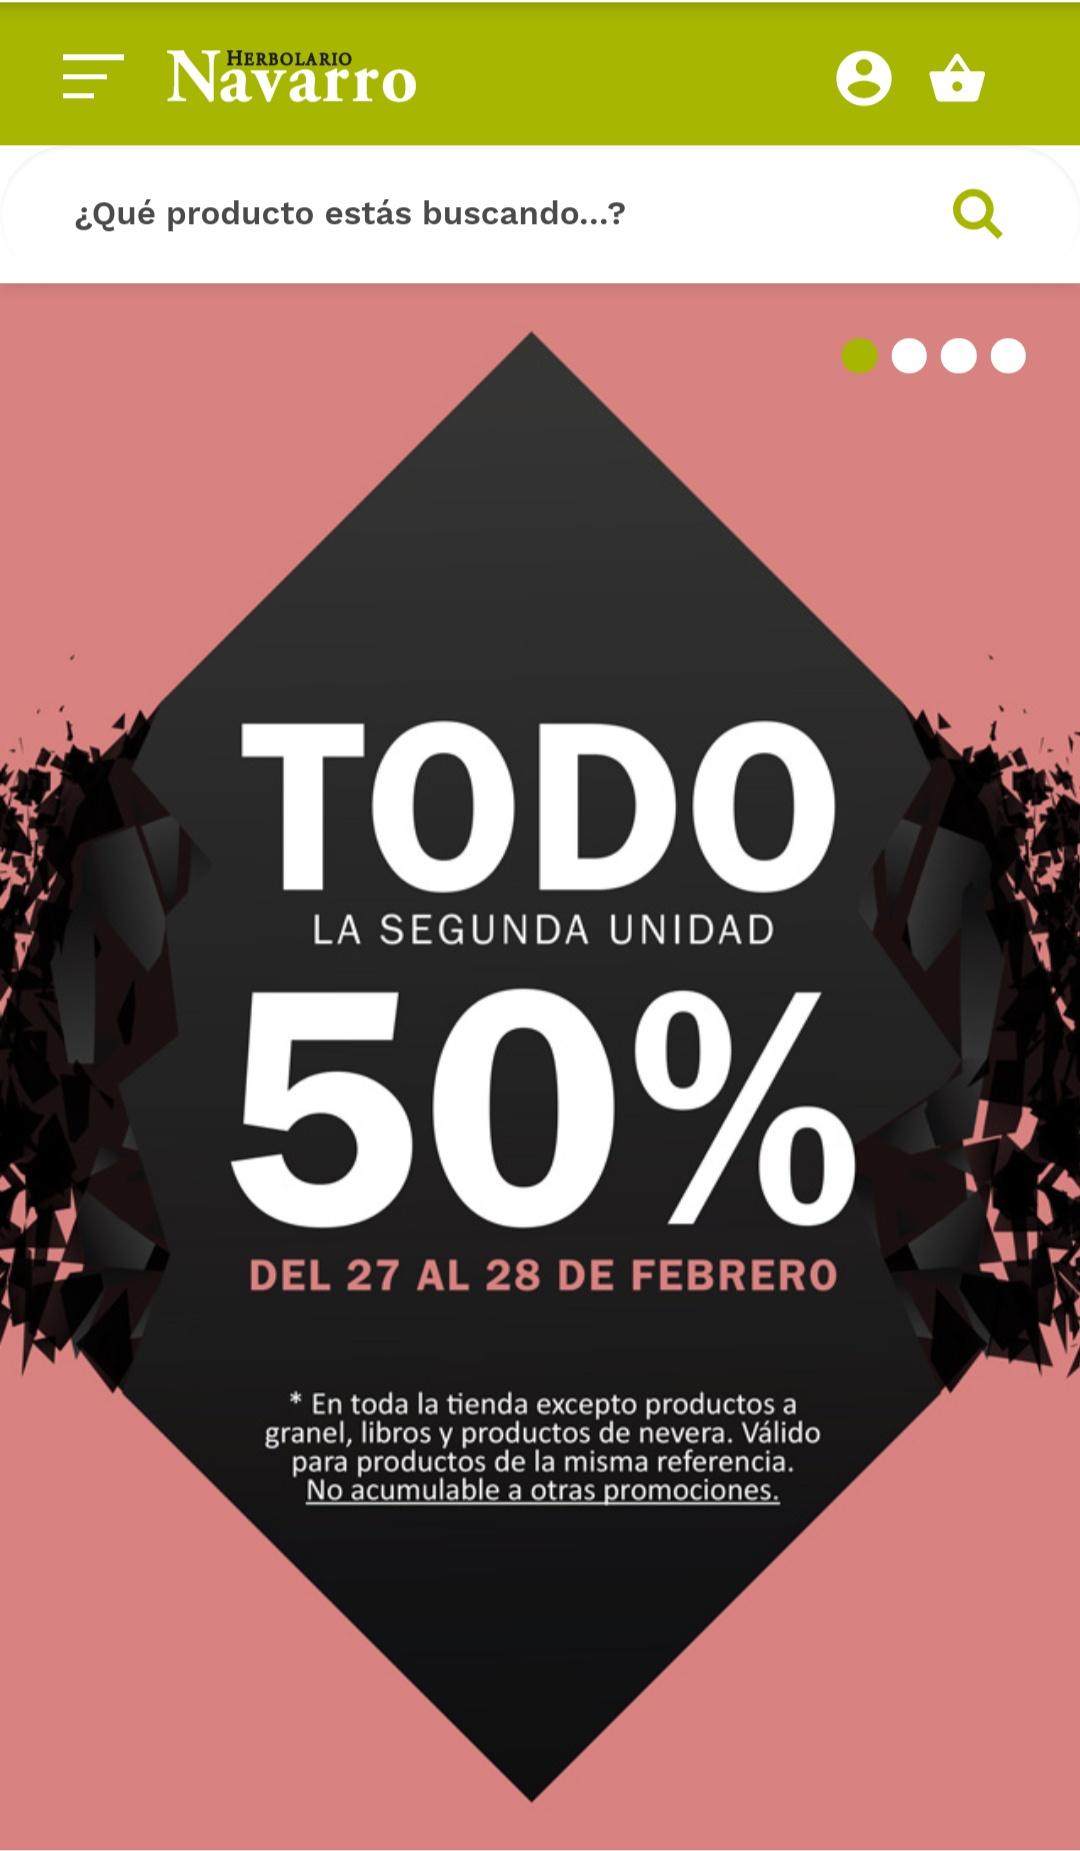 Segunda unidad al 50% en Herbolario Navarro  27 y 28 de febrero.